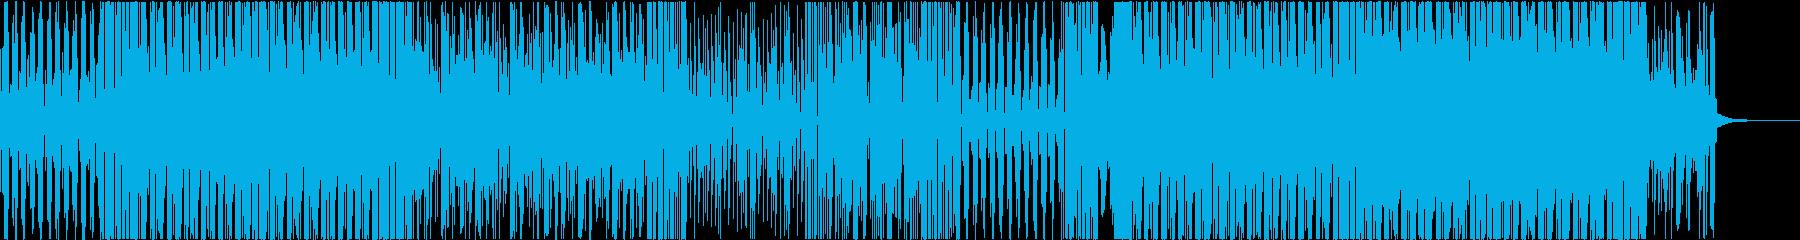 EDM コミカル 楽しい バラエティの再生済みの波形